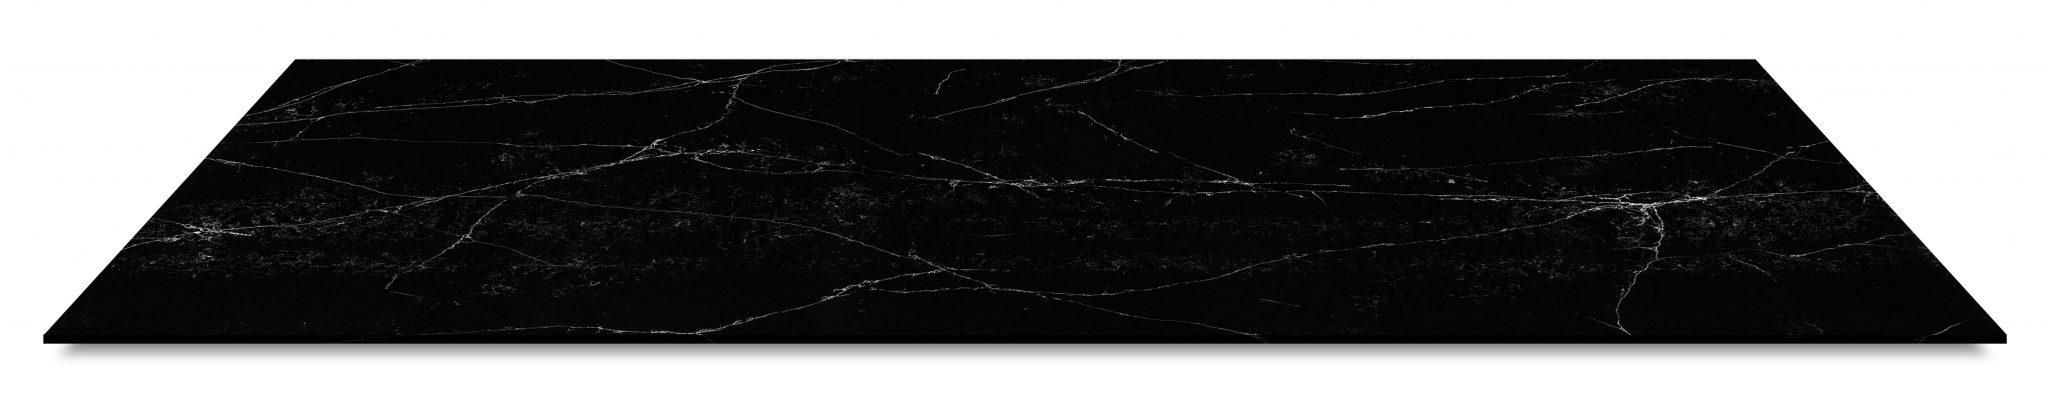 Unique Marquina Quartz Slab